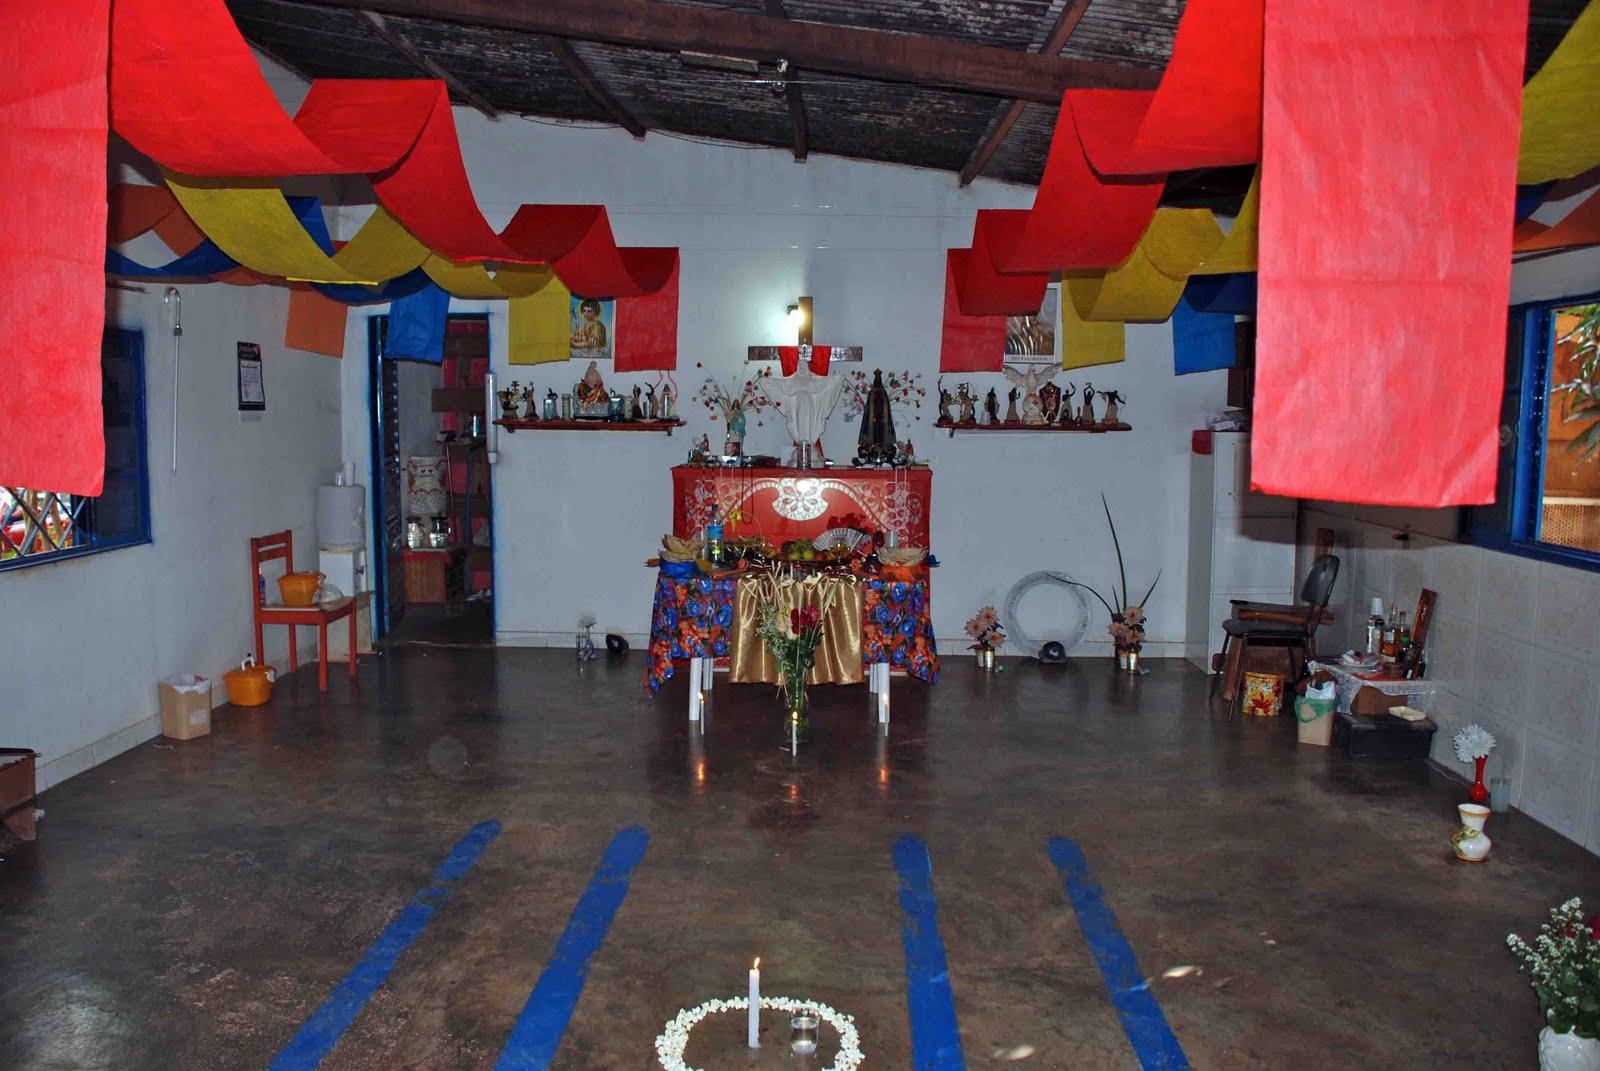 decoracao festa xango:comemoração se deu em homenagem à passagem do dia dedicado a